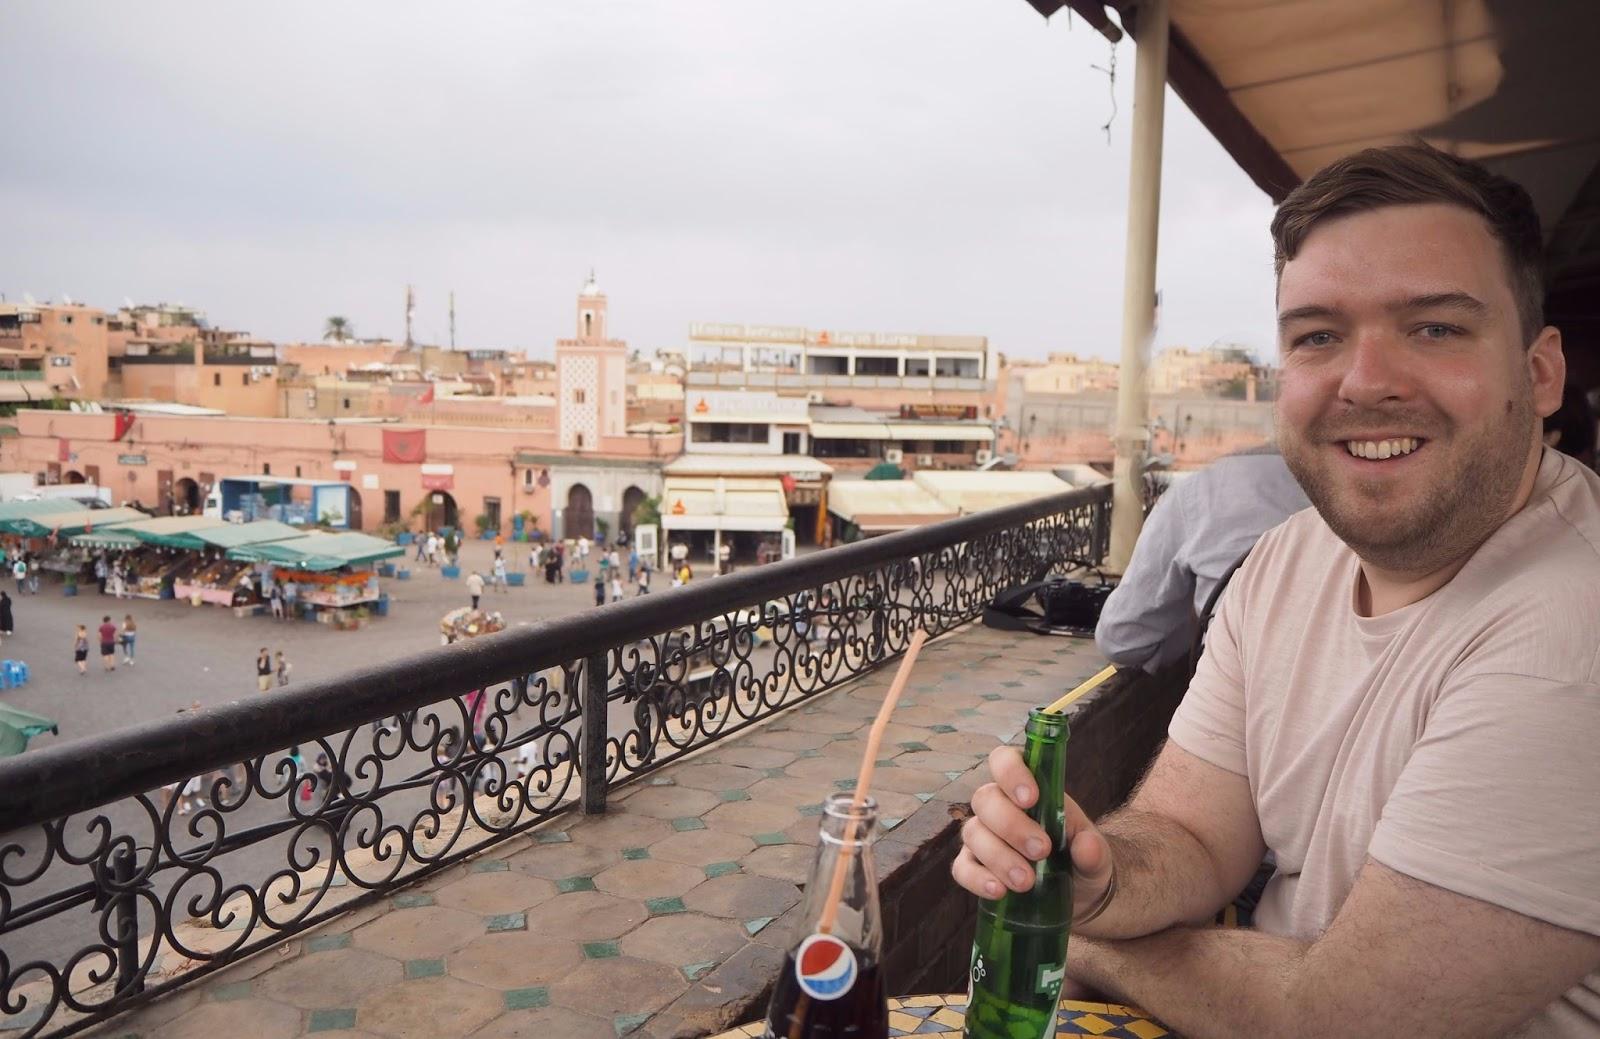 Above the medina